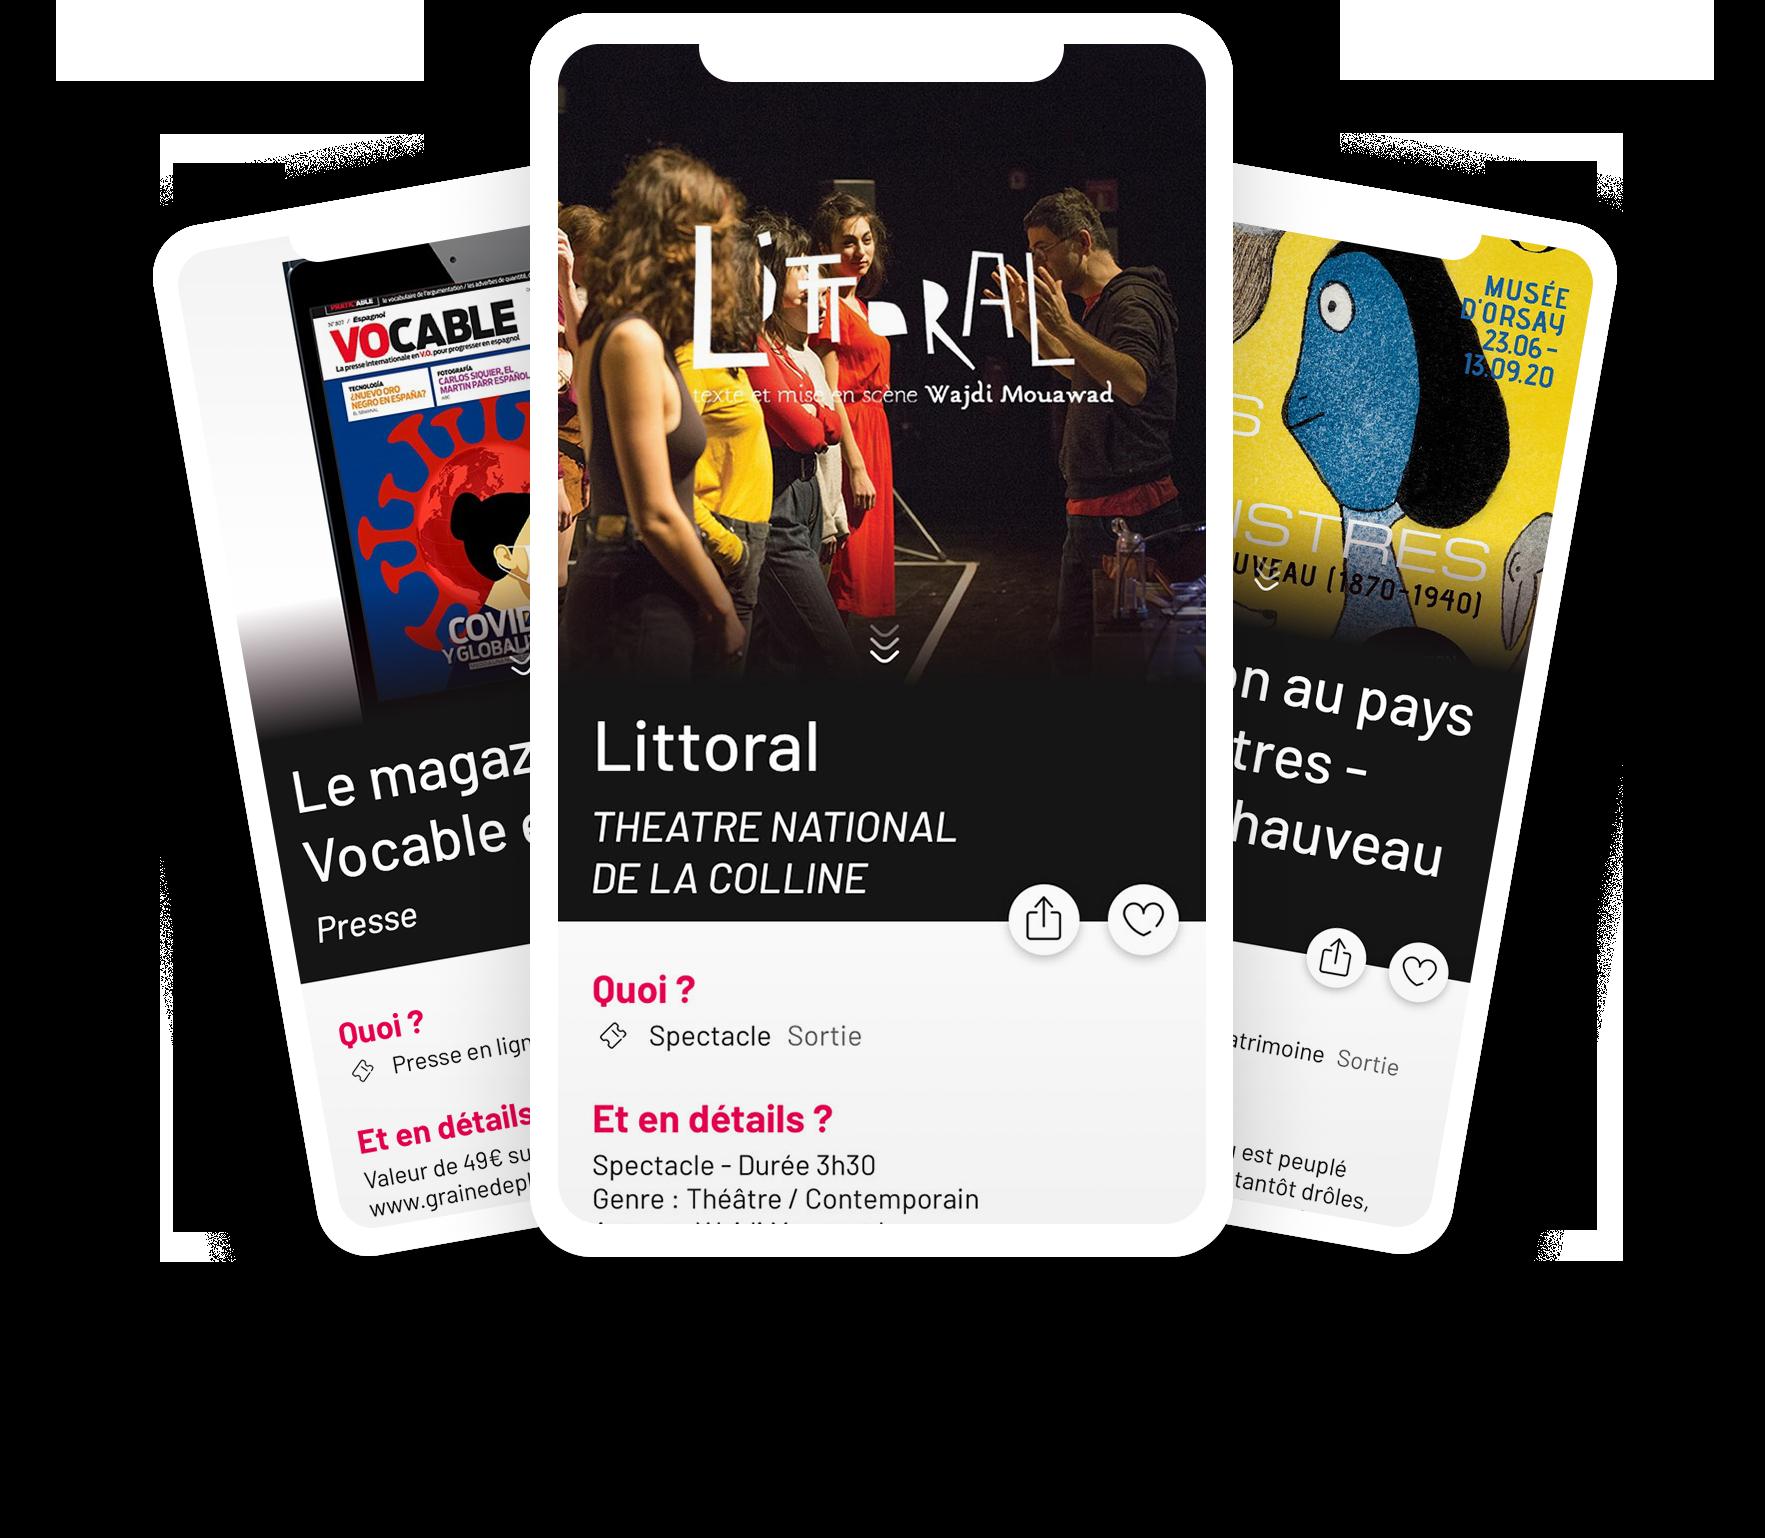 ici se trouve une image d'un prototype d'affichage de l'application qui présente 3 offres digitale, au théâtre national de la colline et au musée d'orsay